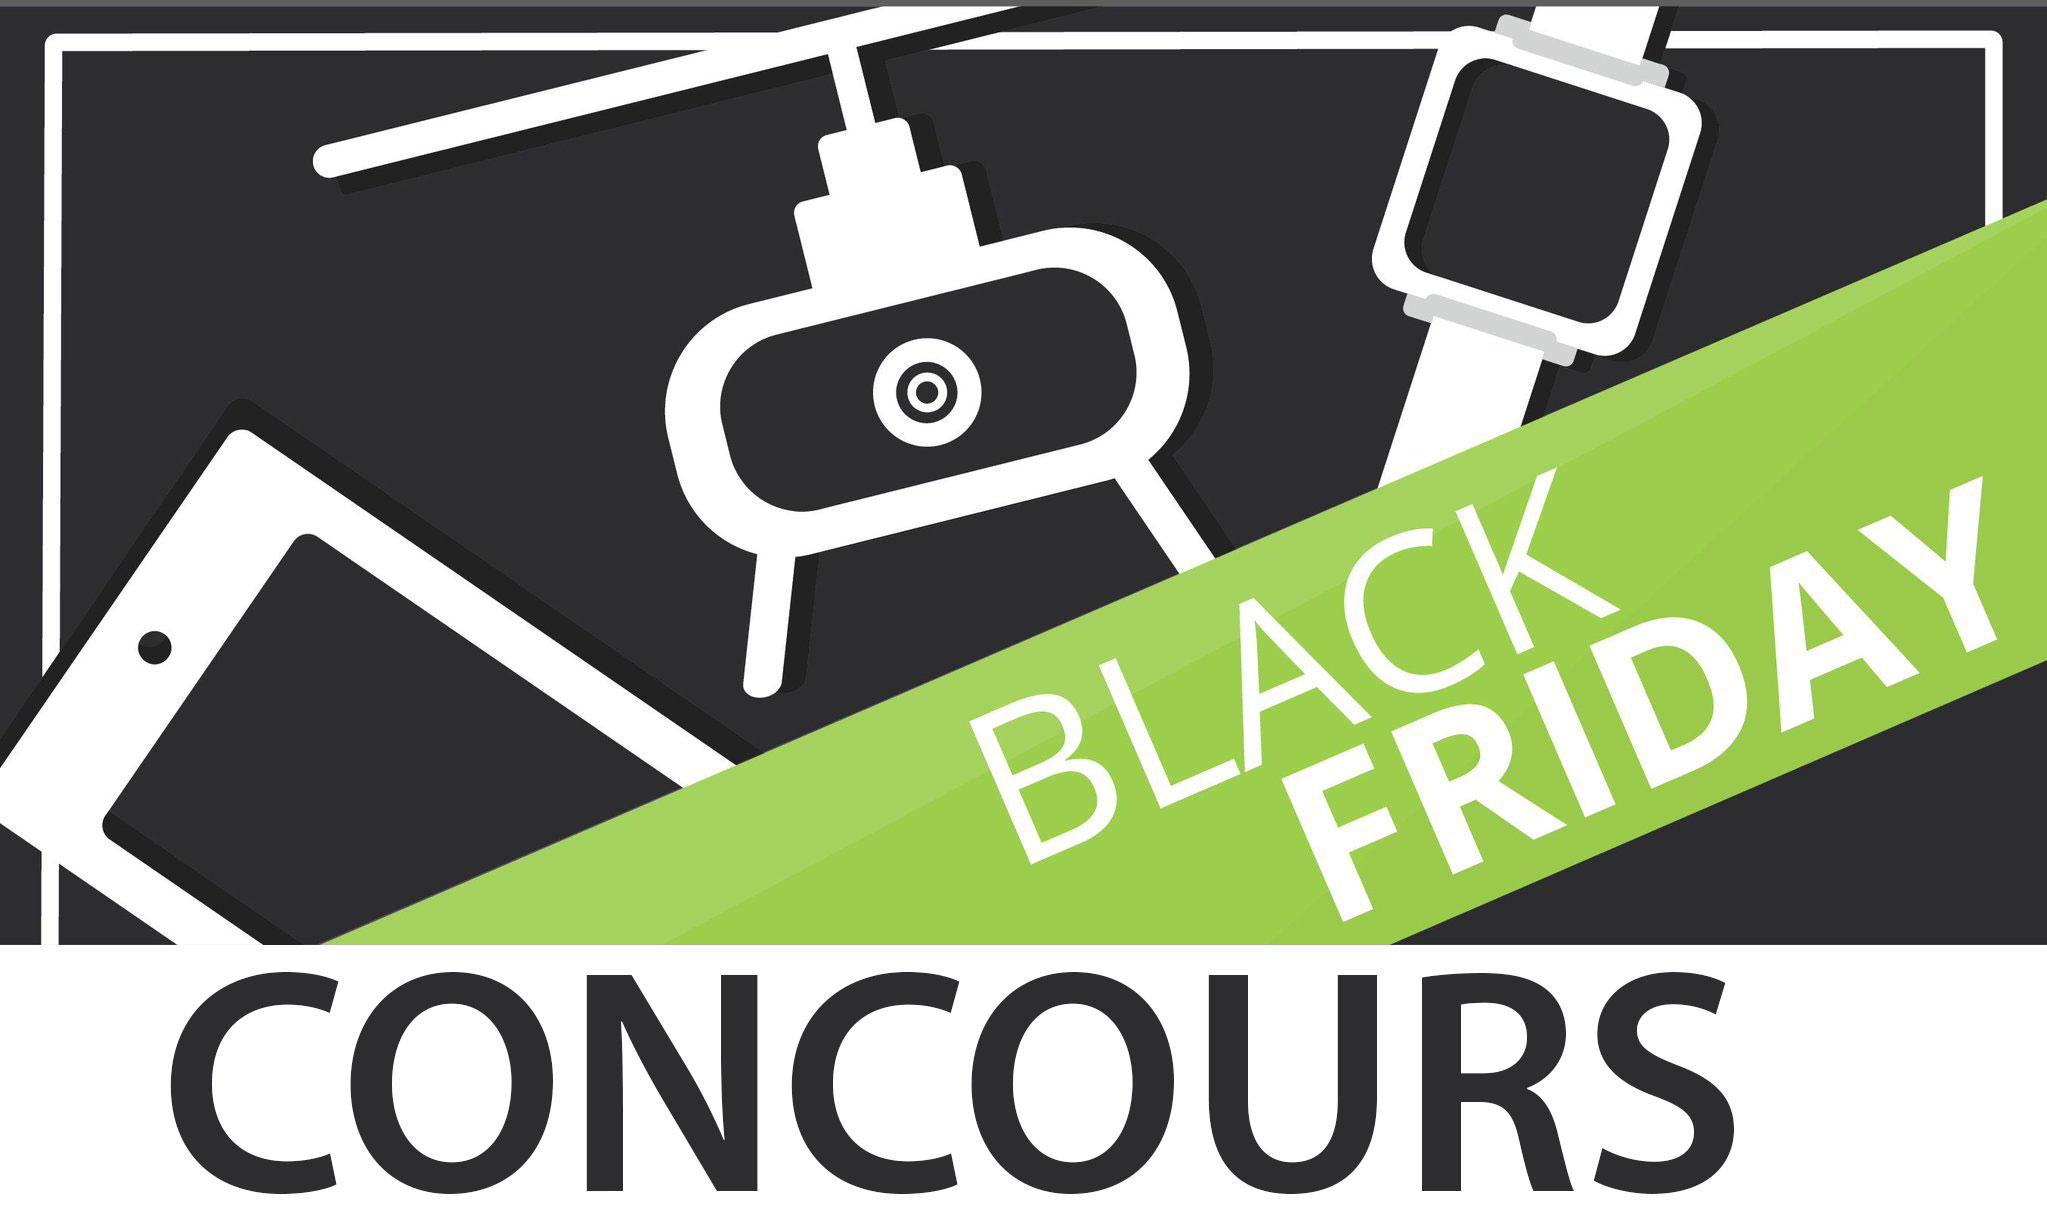 Jeu-concours Black Friday : remportez un smartphone d'une valeur de 500 euros